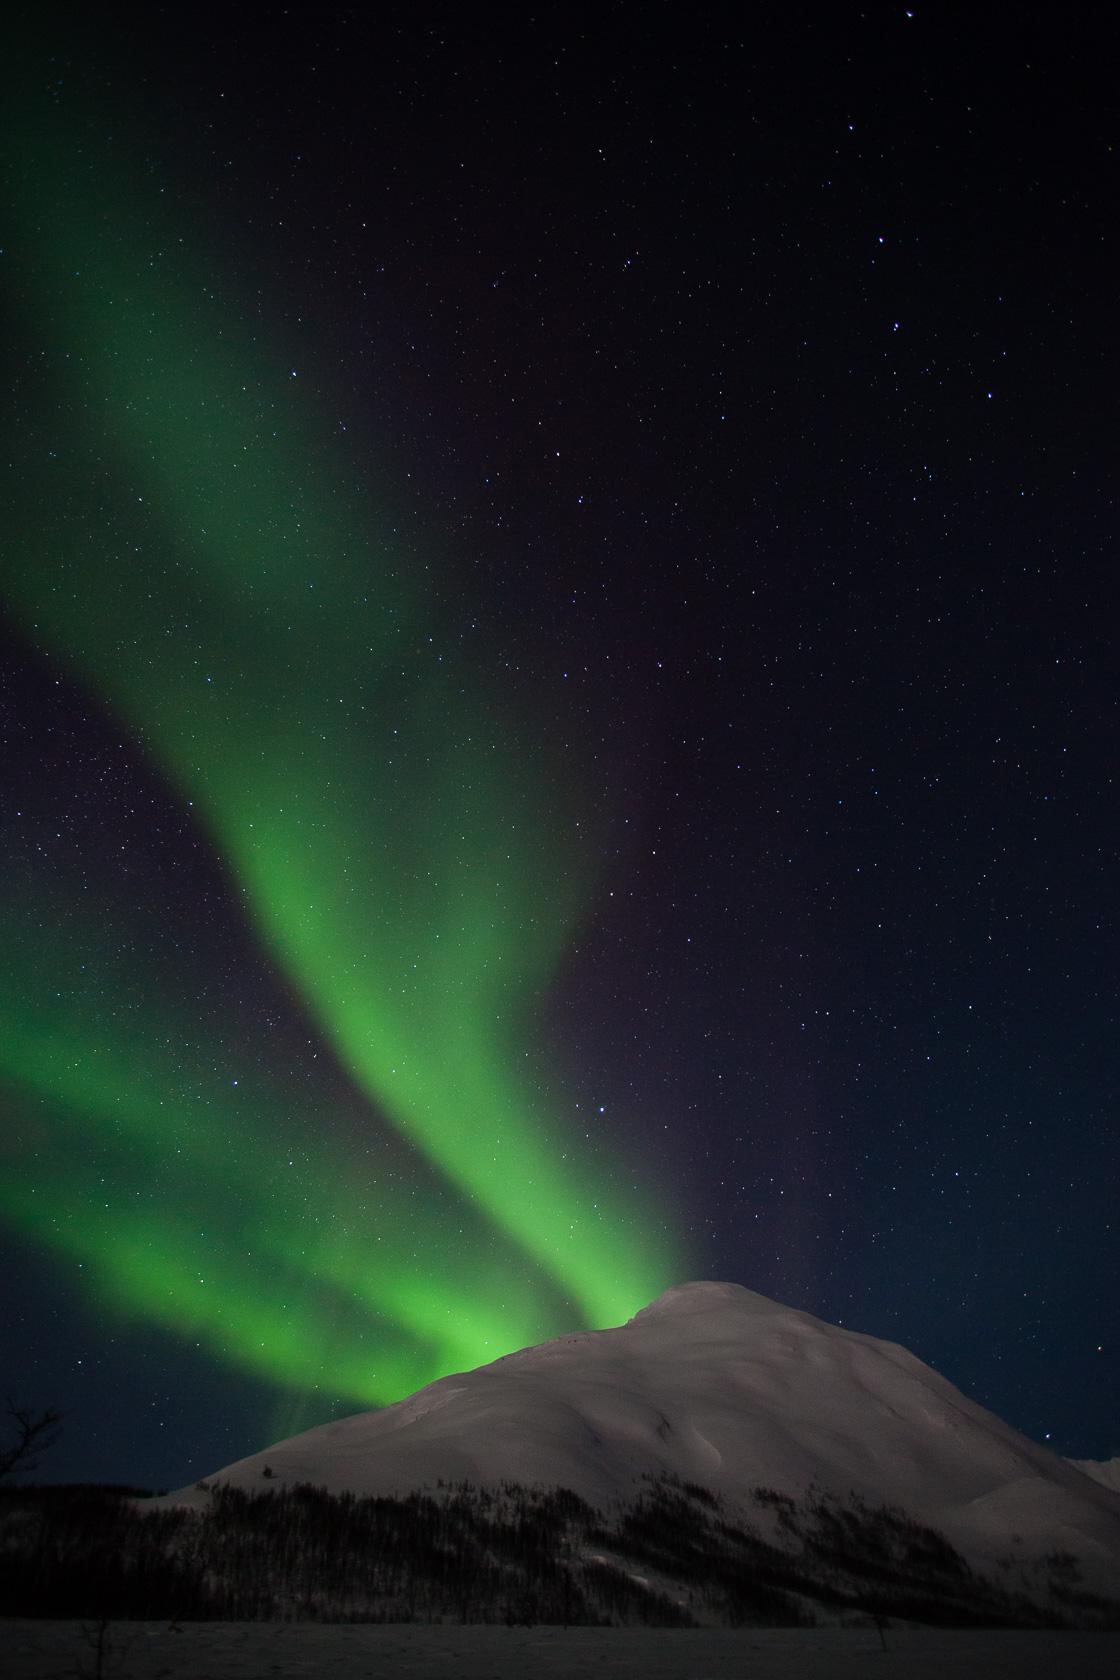 aurore boréale sur le Middagtinten, dans les Alpes de Lyngen, en Norvège